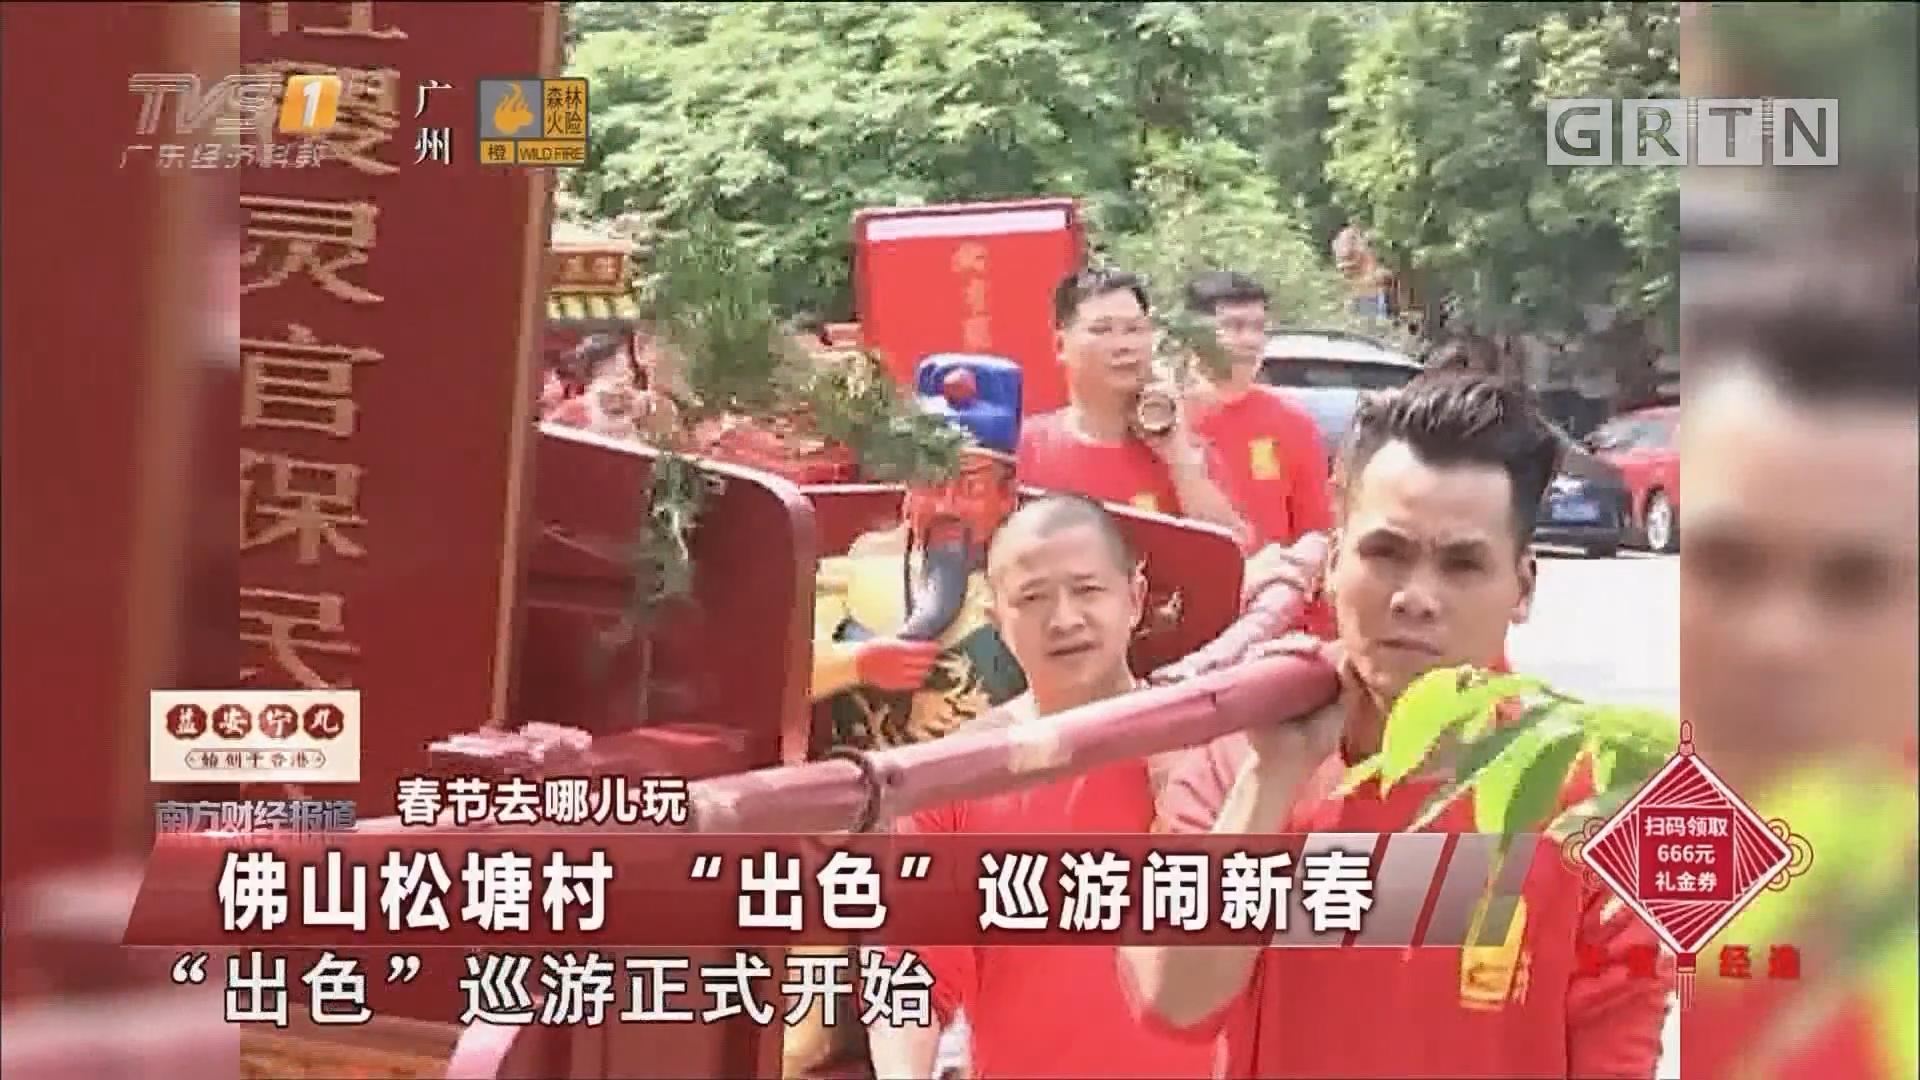 """春节去哪儿玩:佛山松塘村 """"出色""""巡游闹新春"""